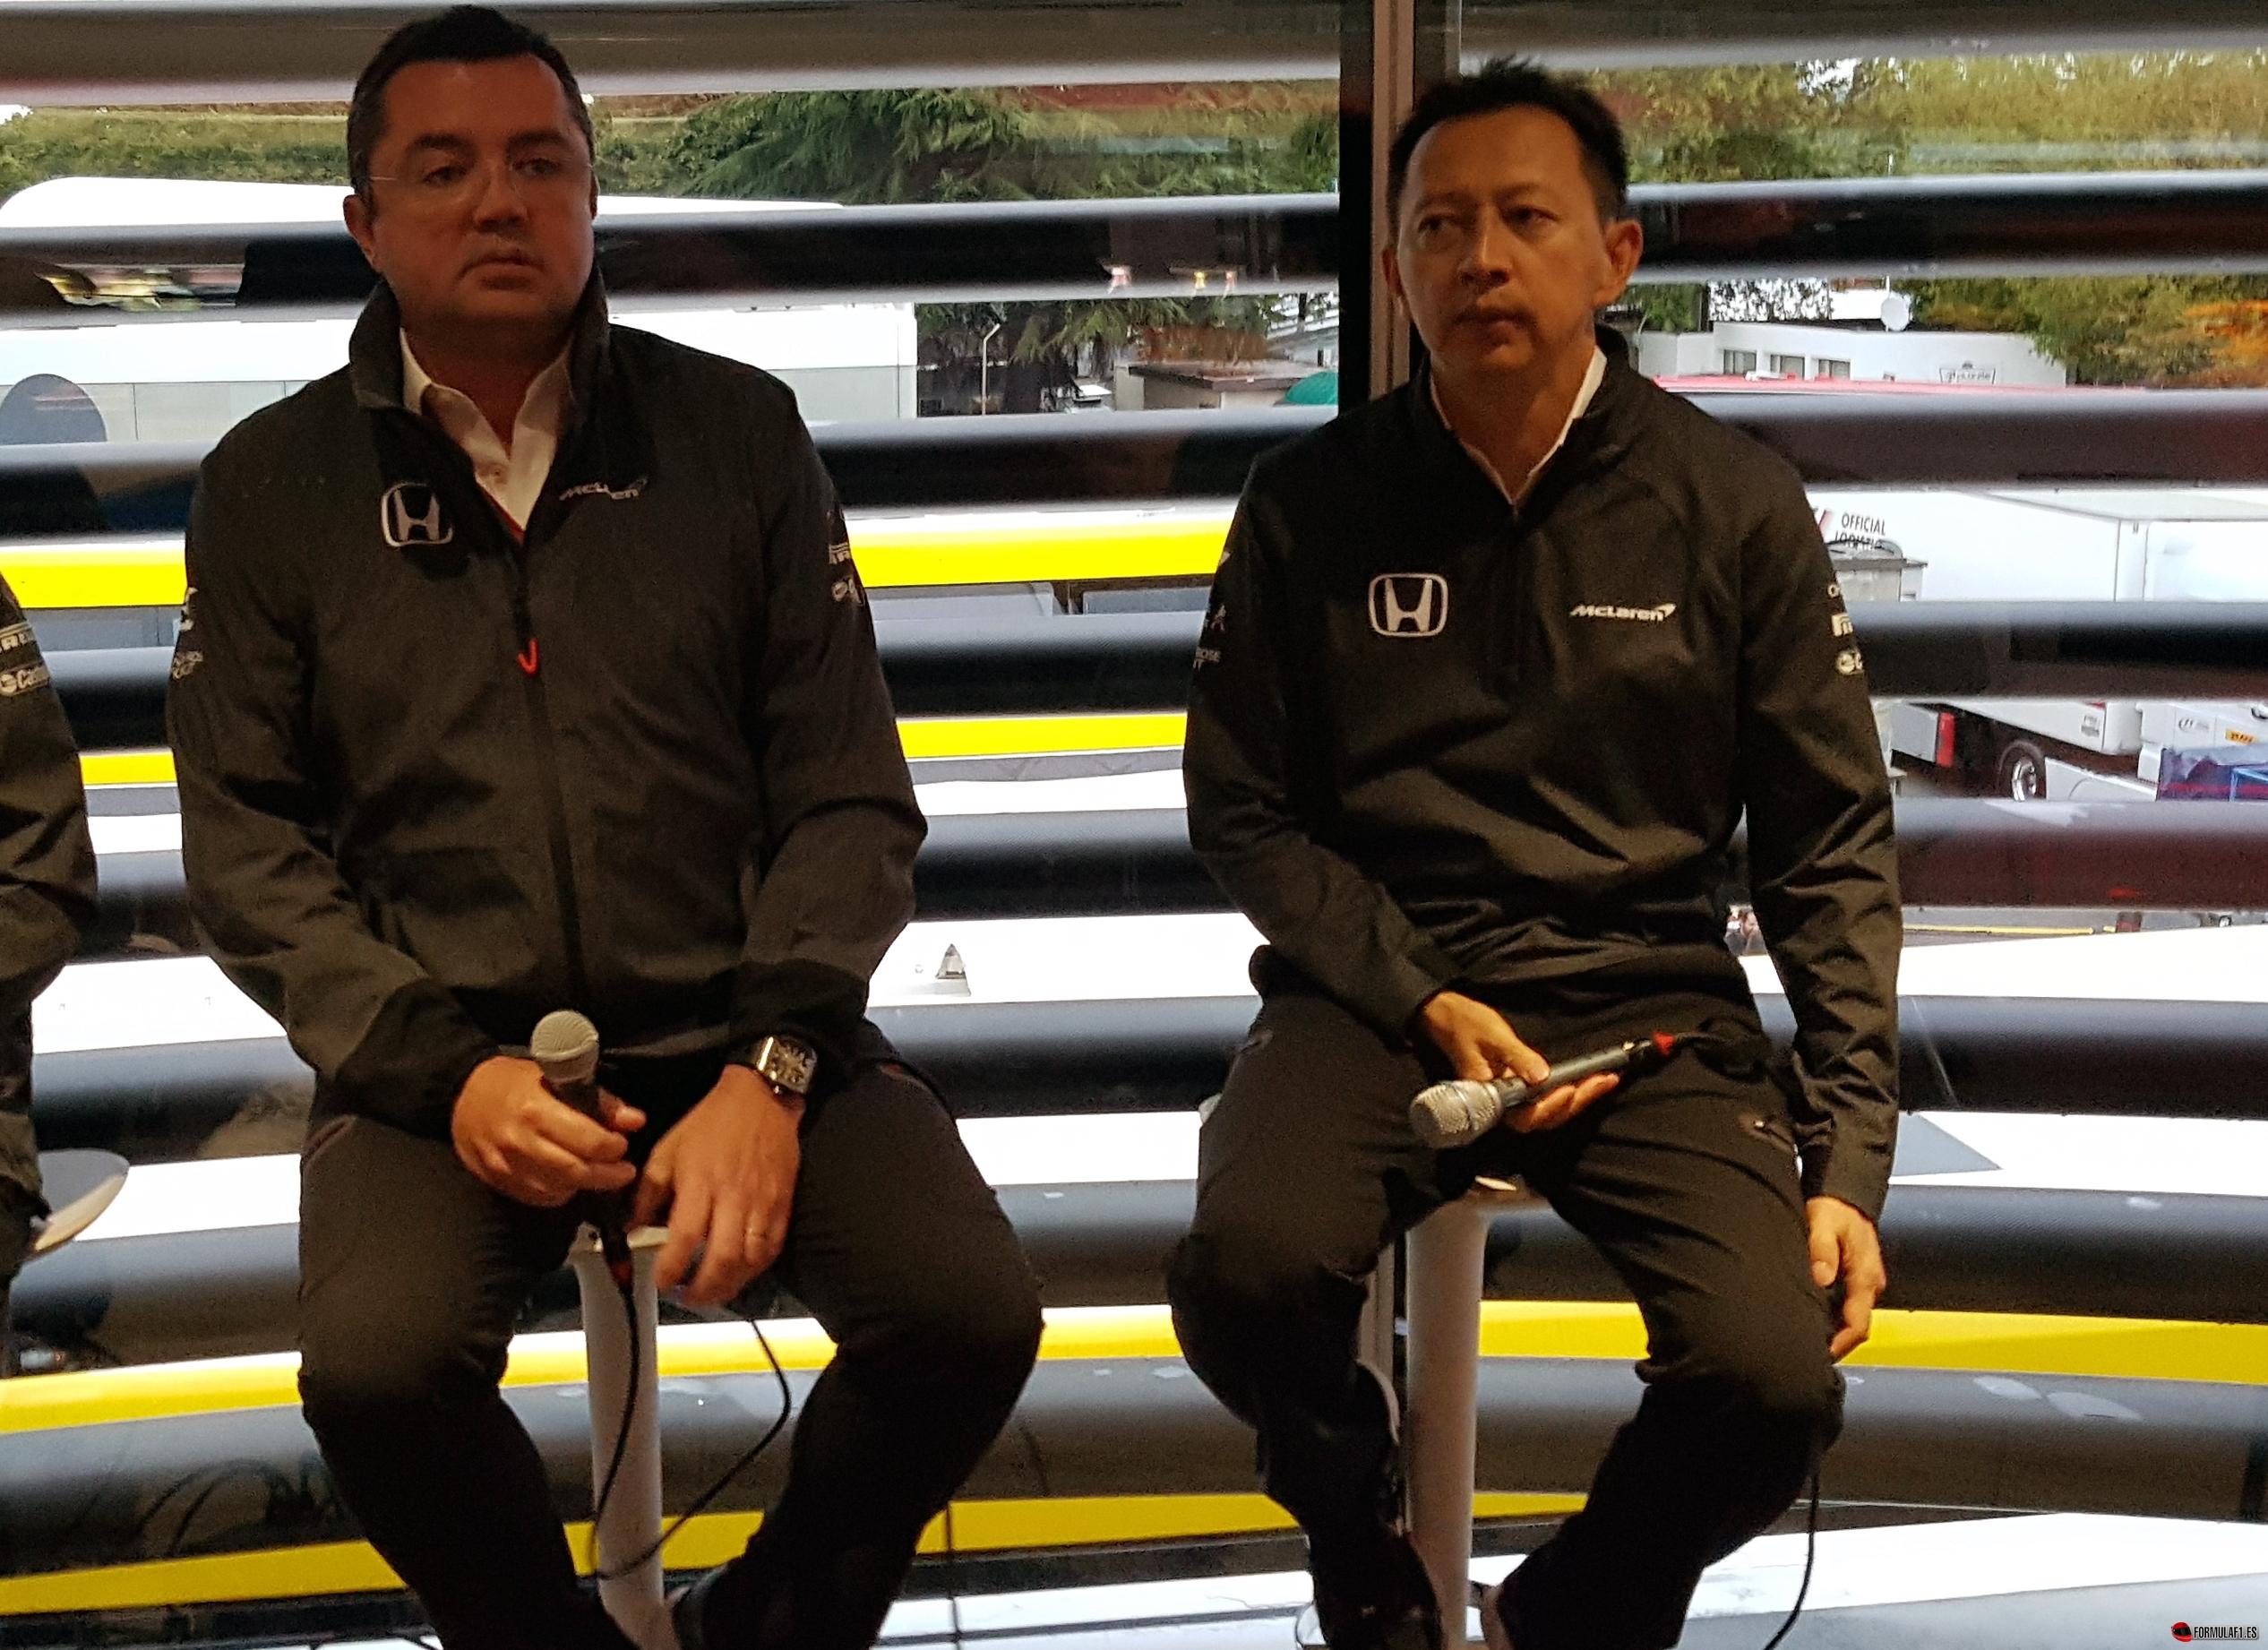 Confirmado el acuerdo entre McLaren y Renault para 2018 a falta del paso de Honda a Toro Rosso